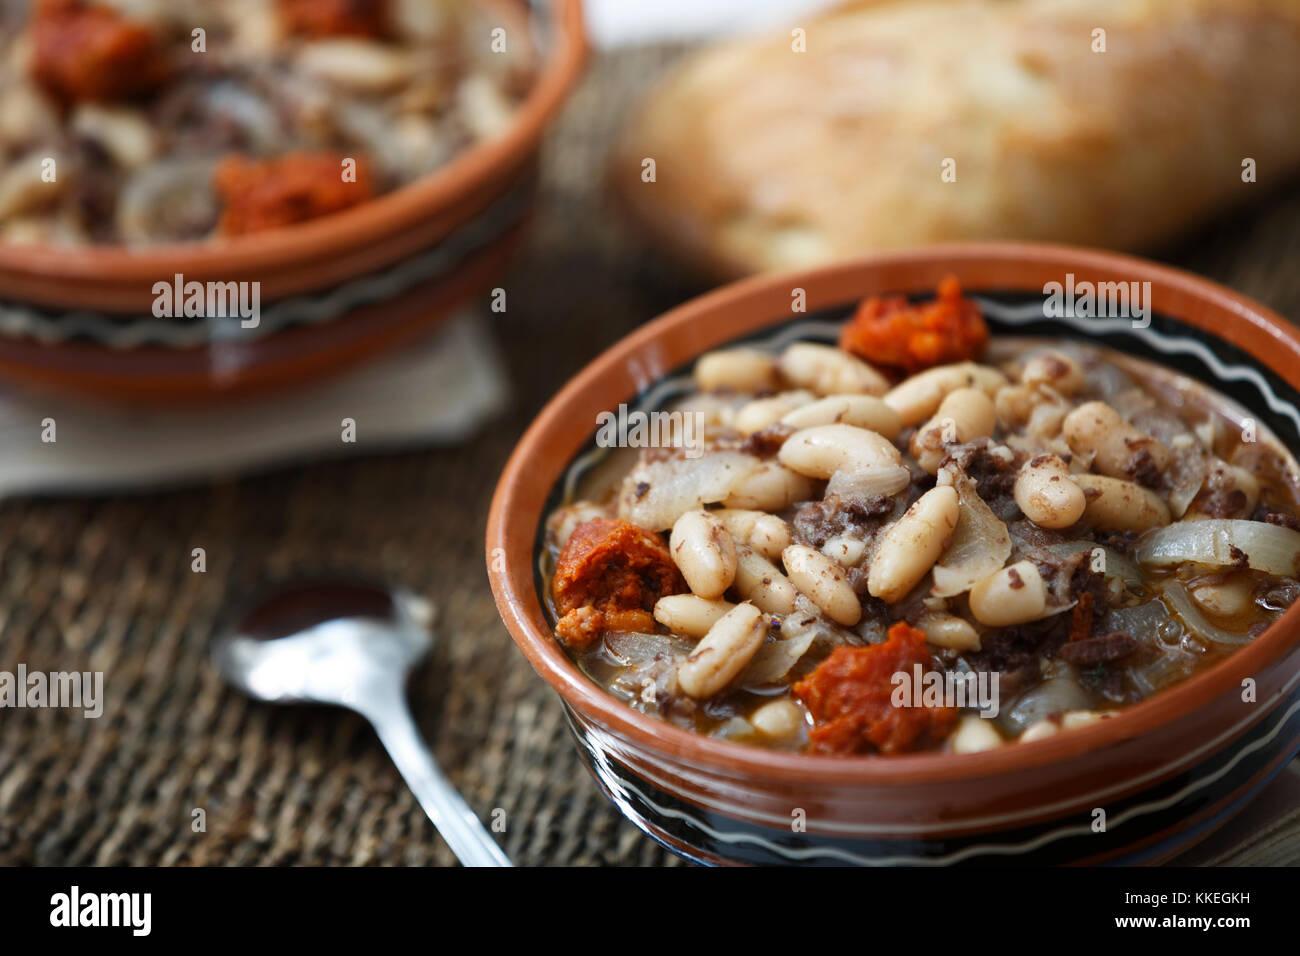 Stufato di fagioli bianchi con salsiccia piccante e pane. Immagini Stock